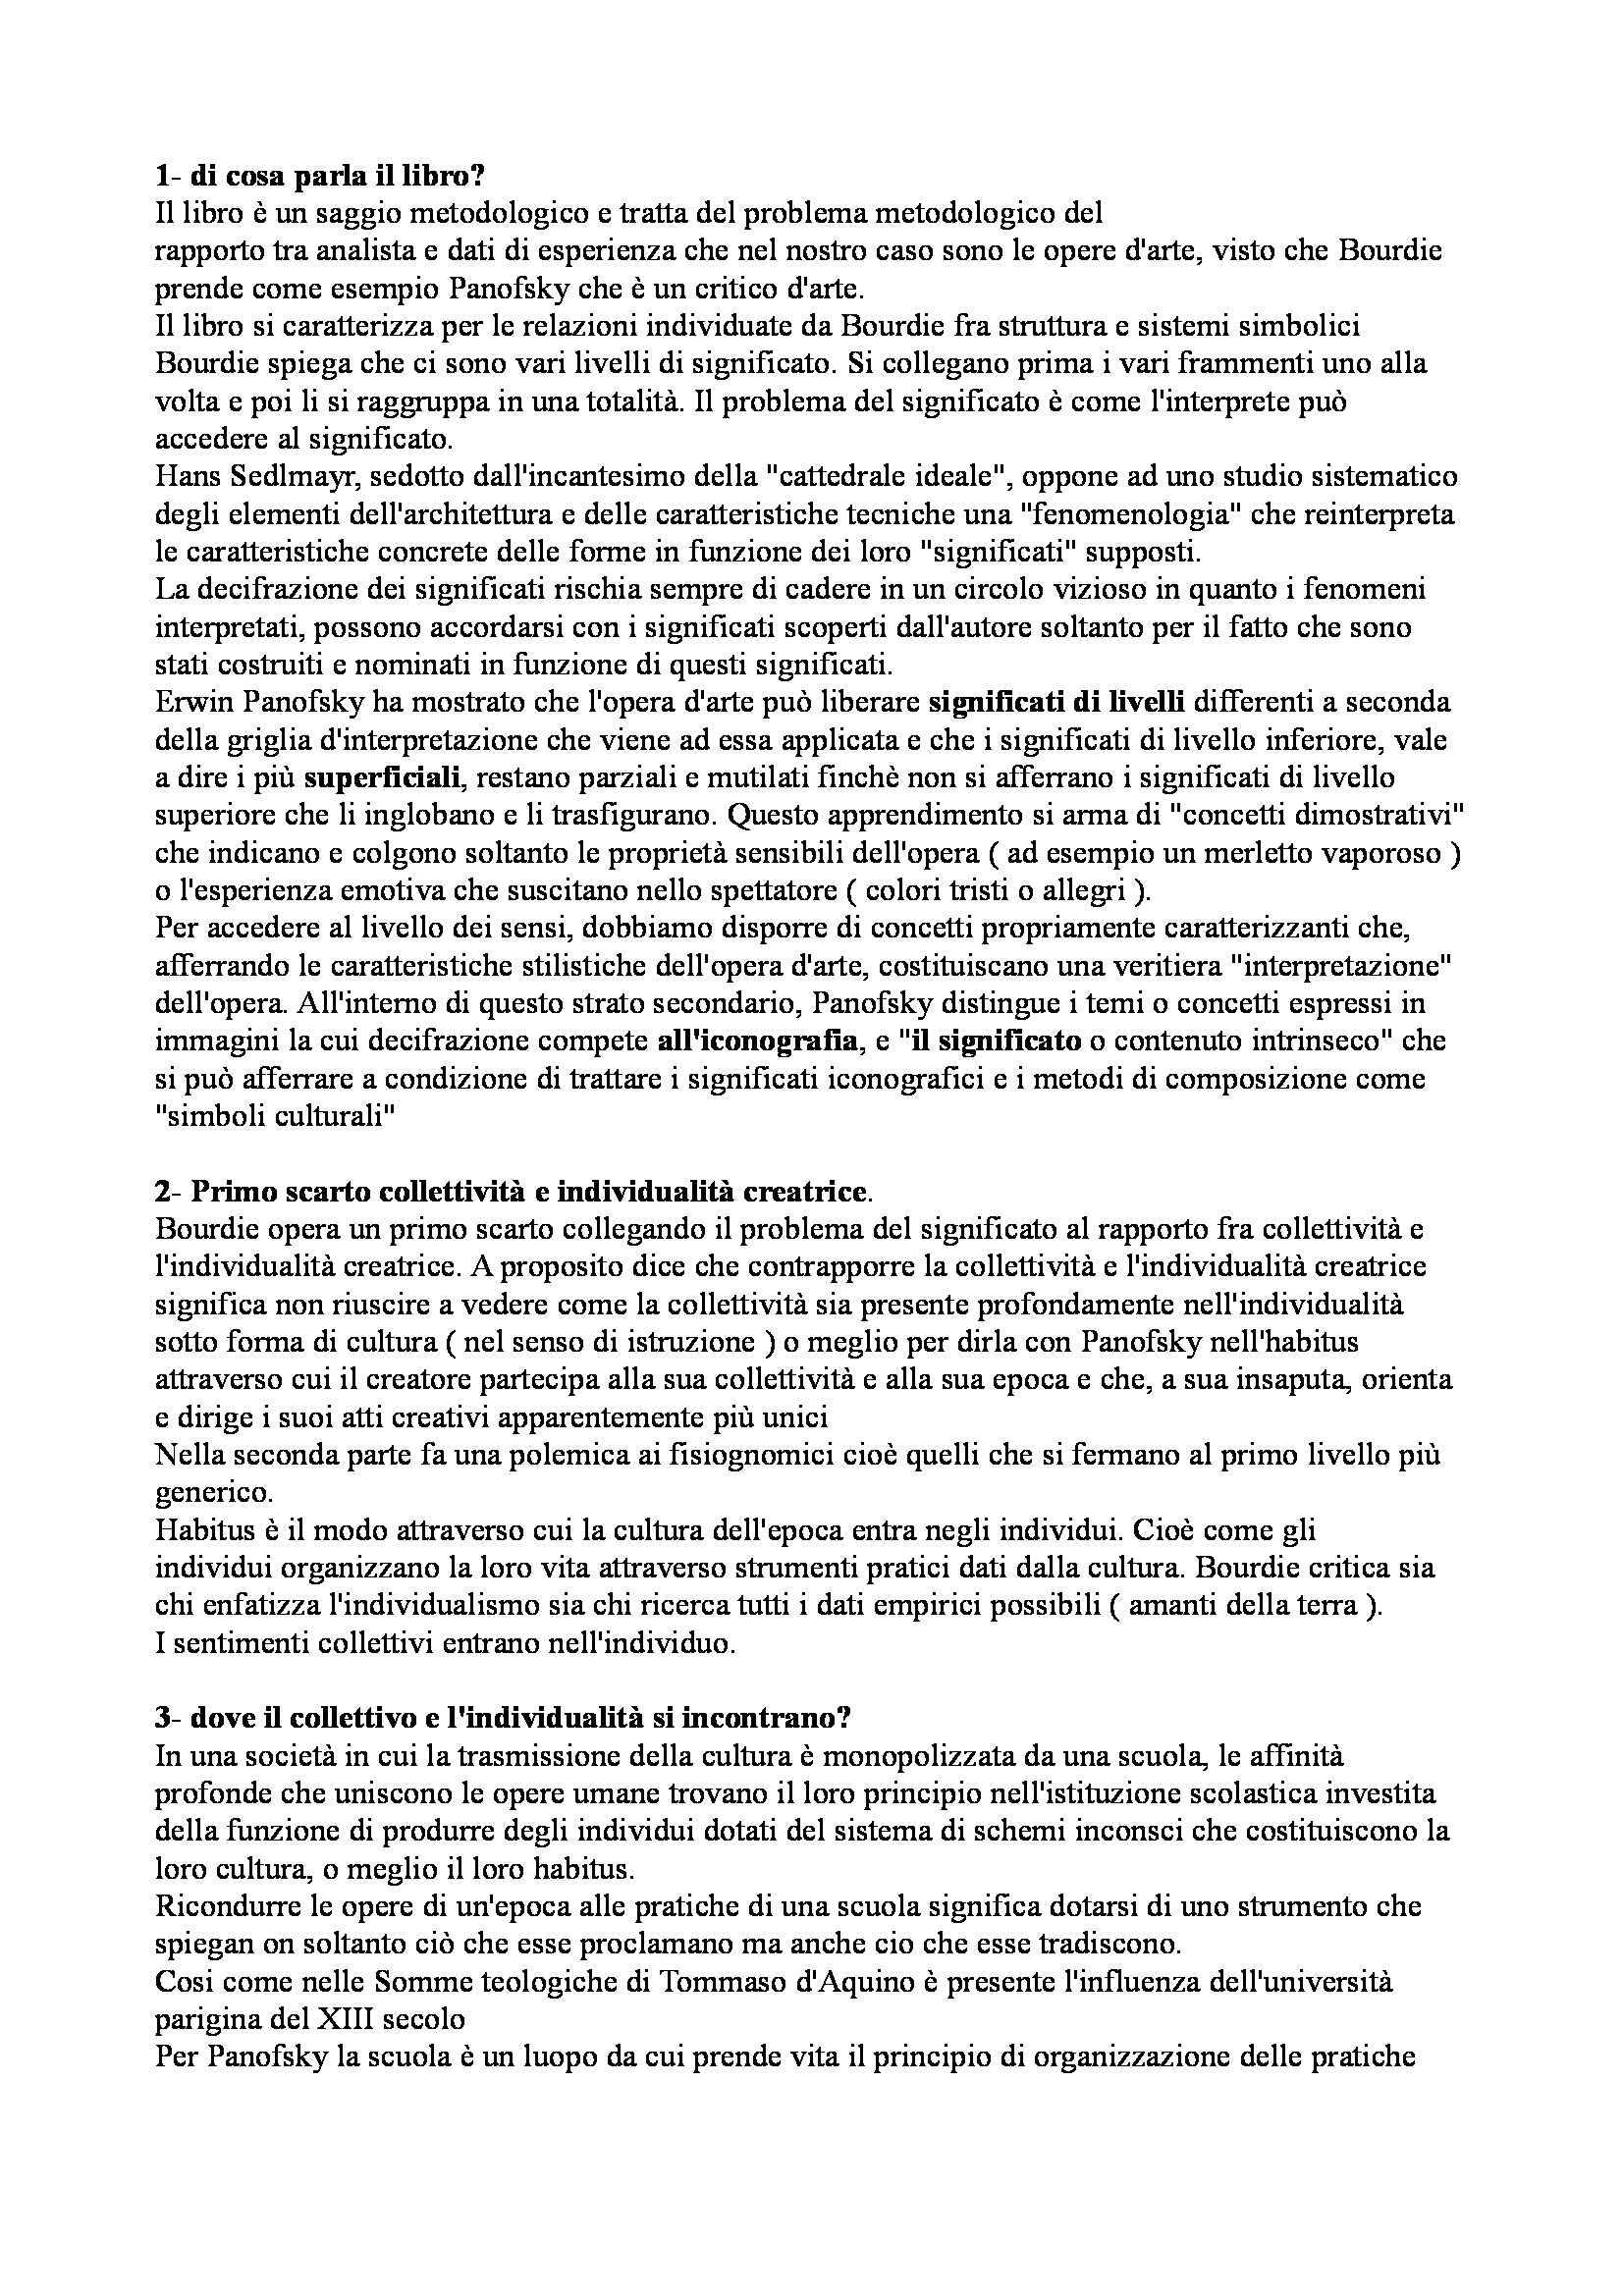 Fondamenti di scienze sociali - Il problema del significato nelle scienze strutturali, Bourdieu